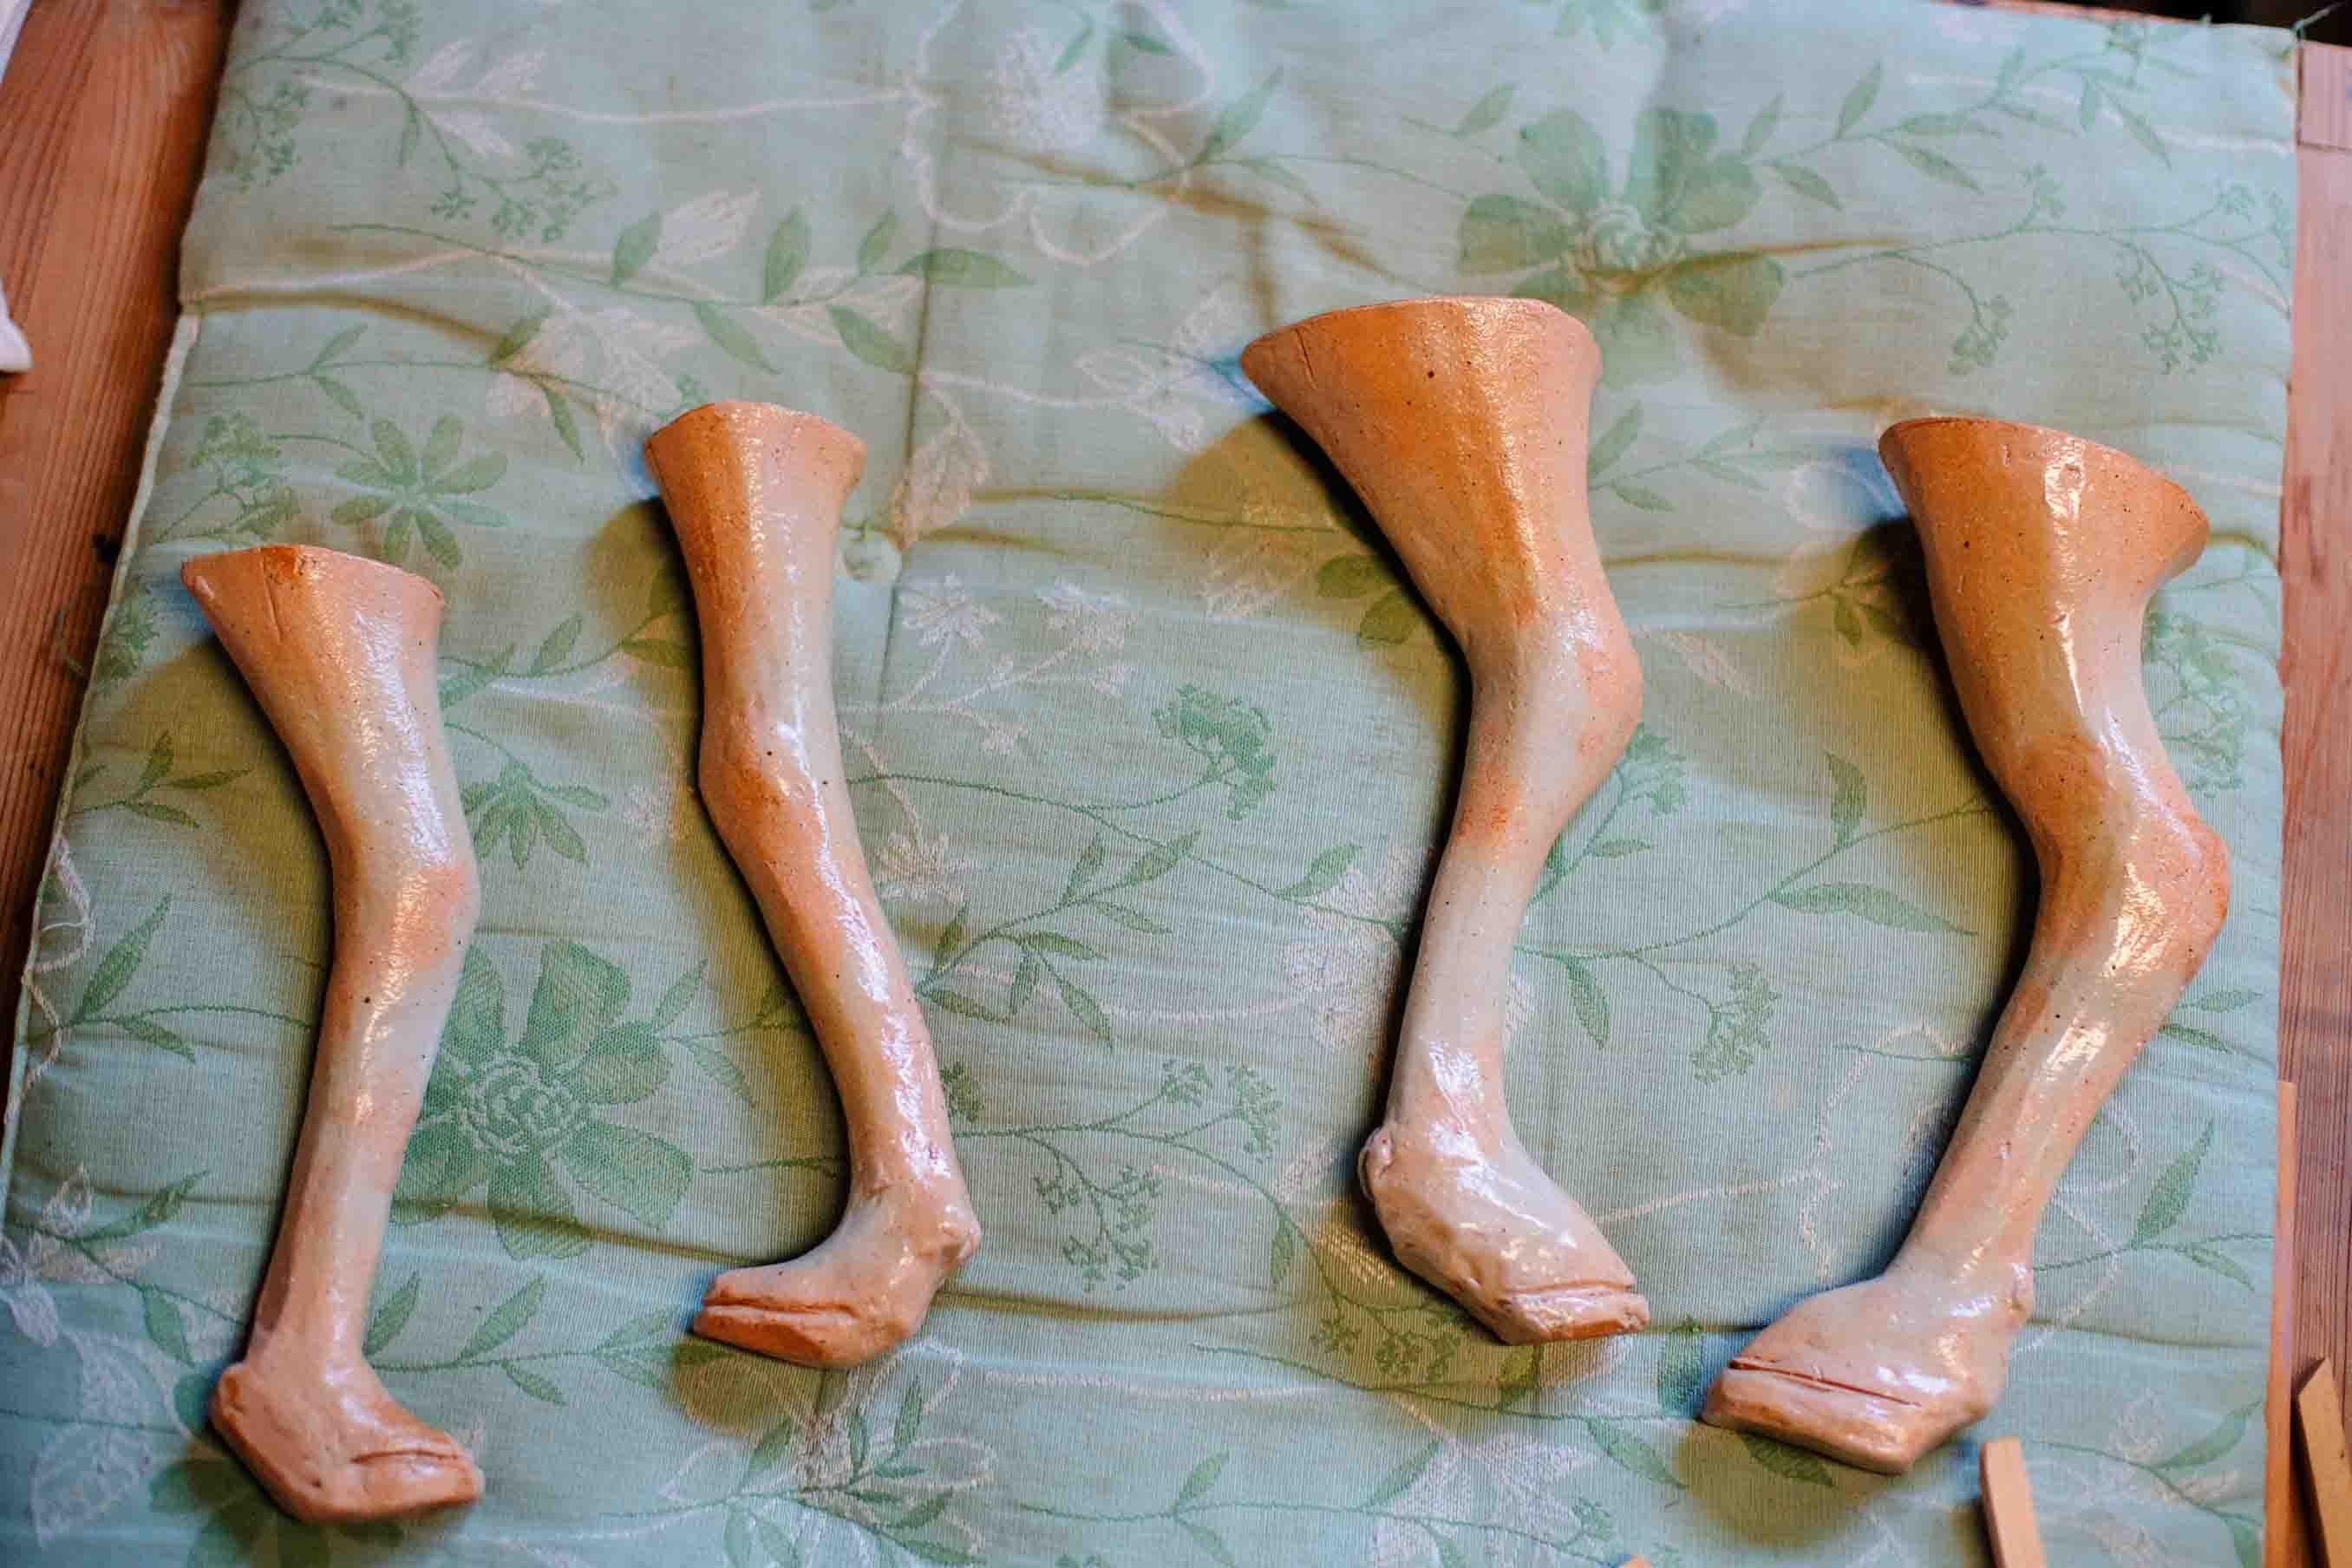 形が出来上がると、足の部分を別に切り分けて乾燥させ、窯で焼きます